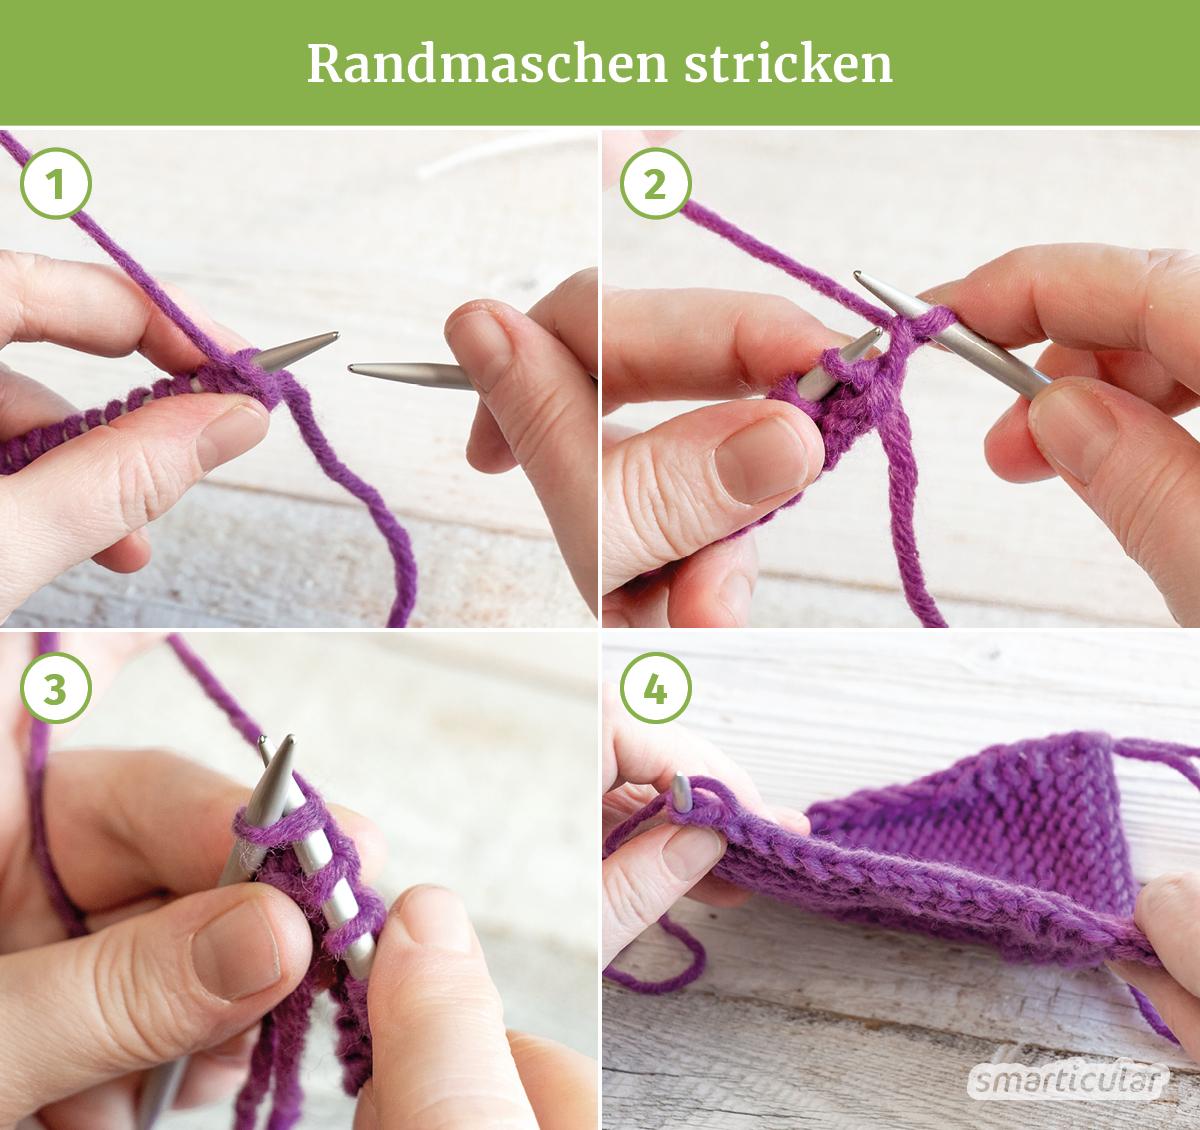 Stricken zu lernen, ist gar nicht schwer! Mit dieser Anleitung lernst du die wichtigsten Schritte - und kannst danach erste kleine Projekte stricken.